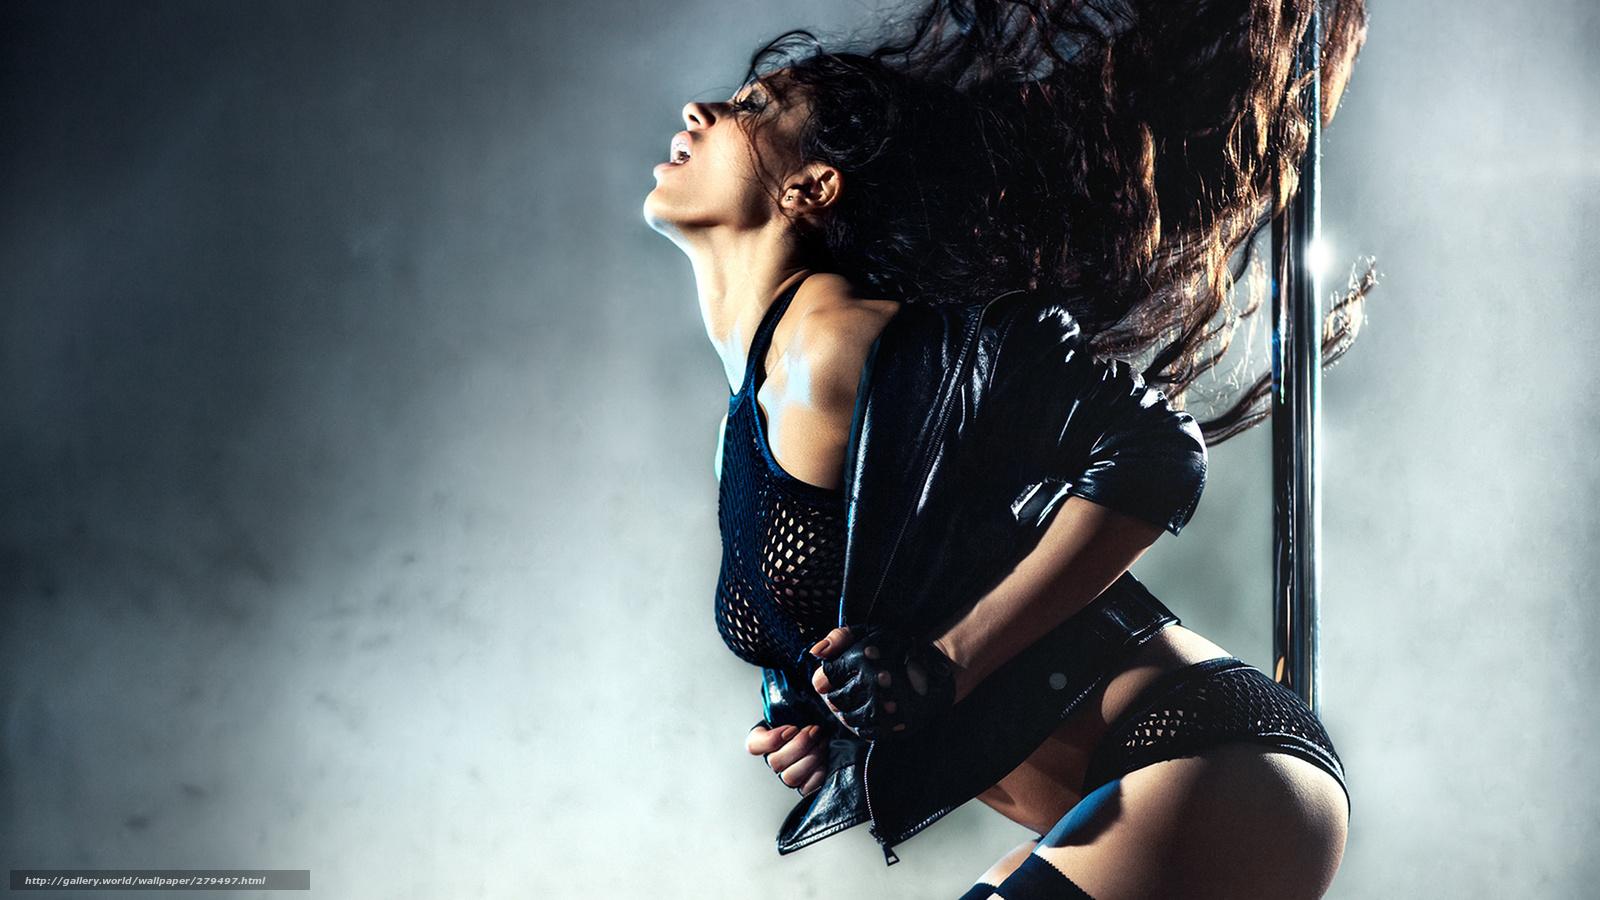 Телочка сексуально танцует 22 фотография